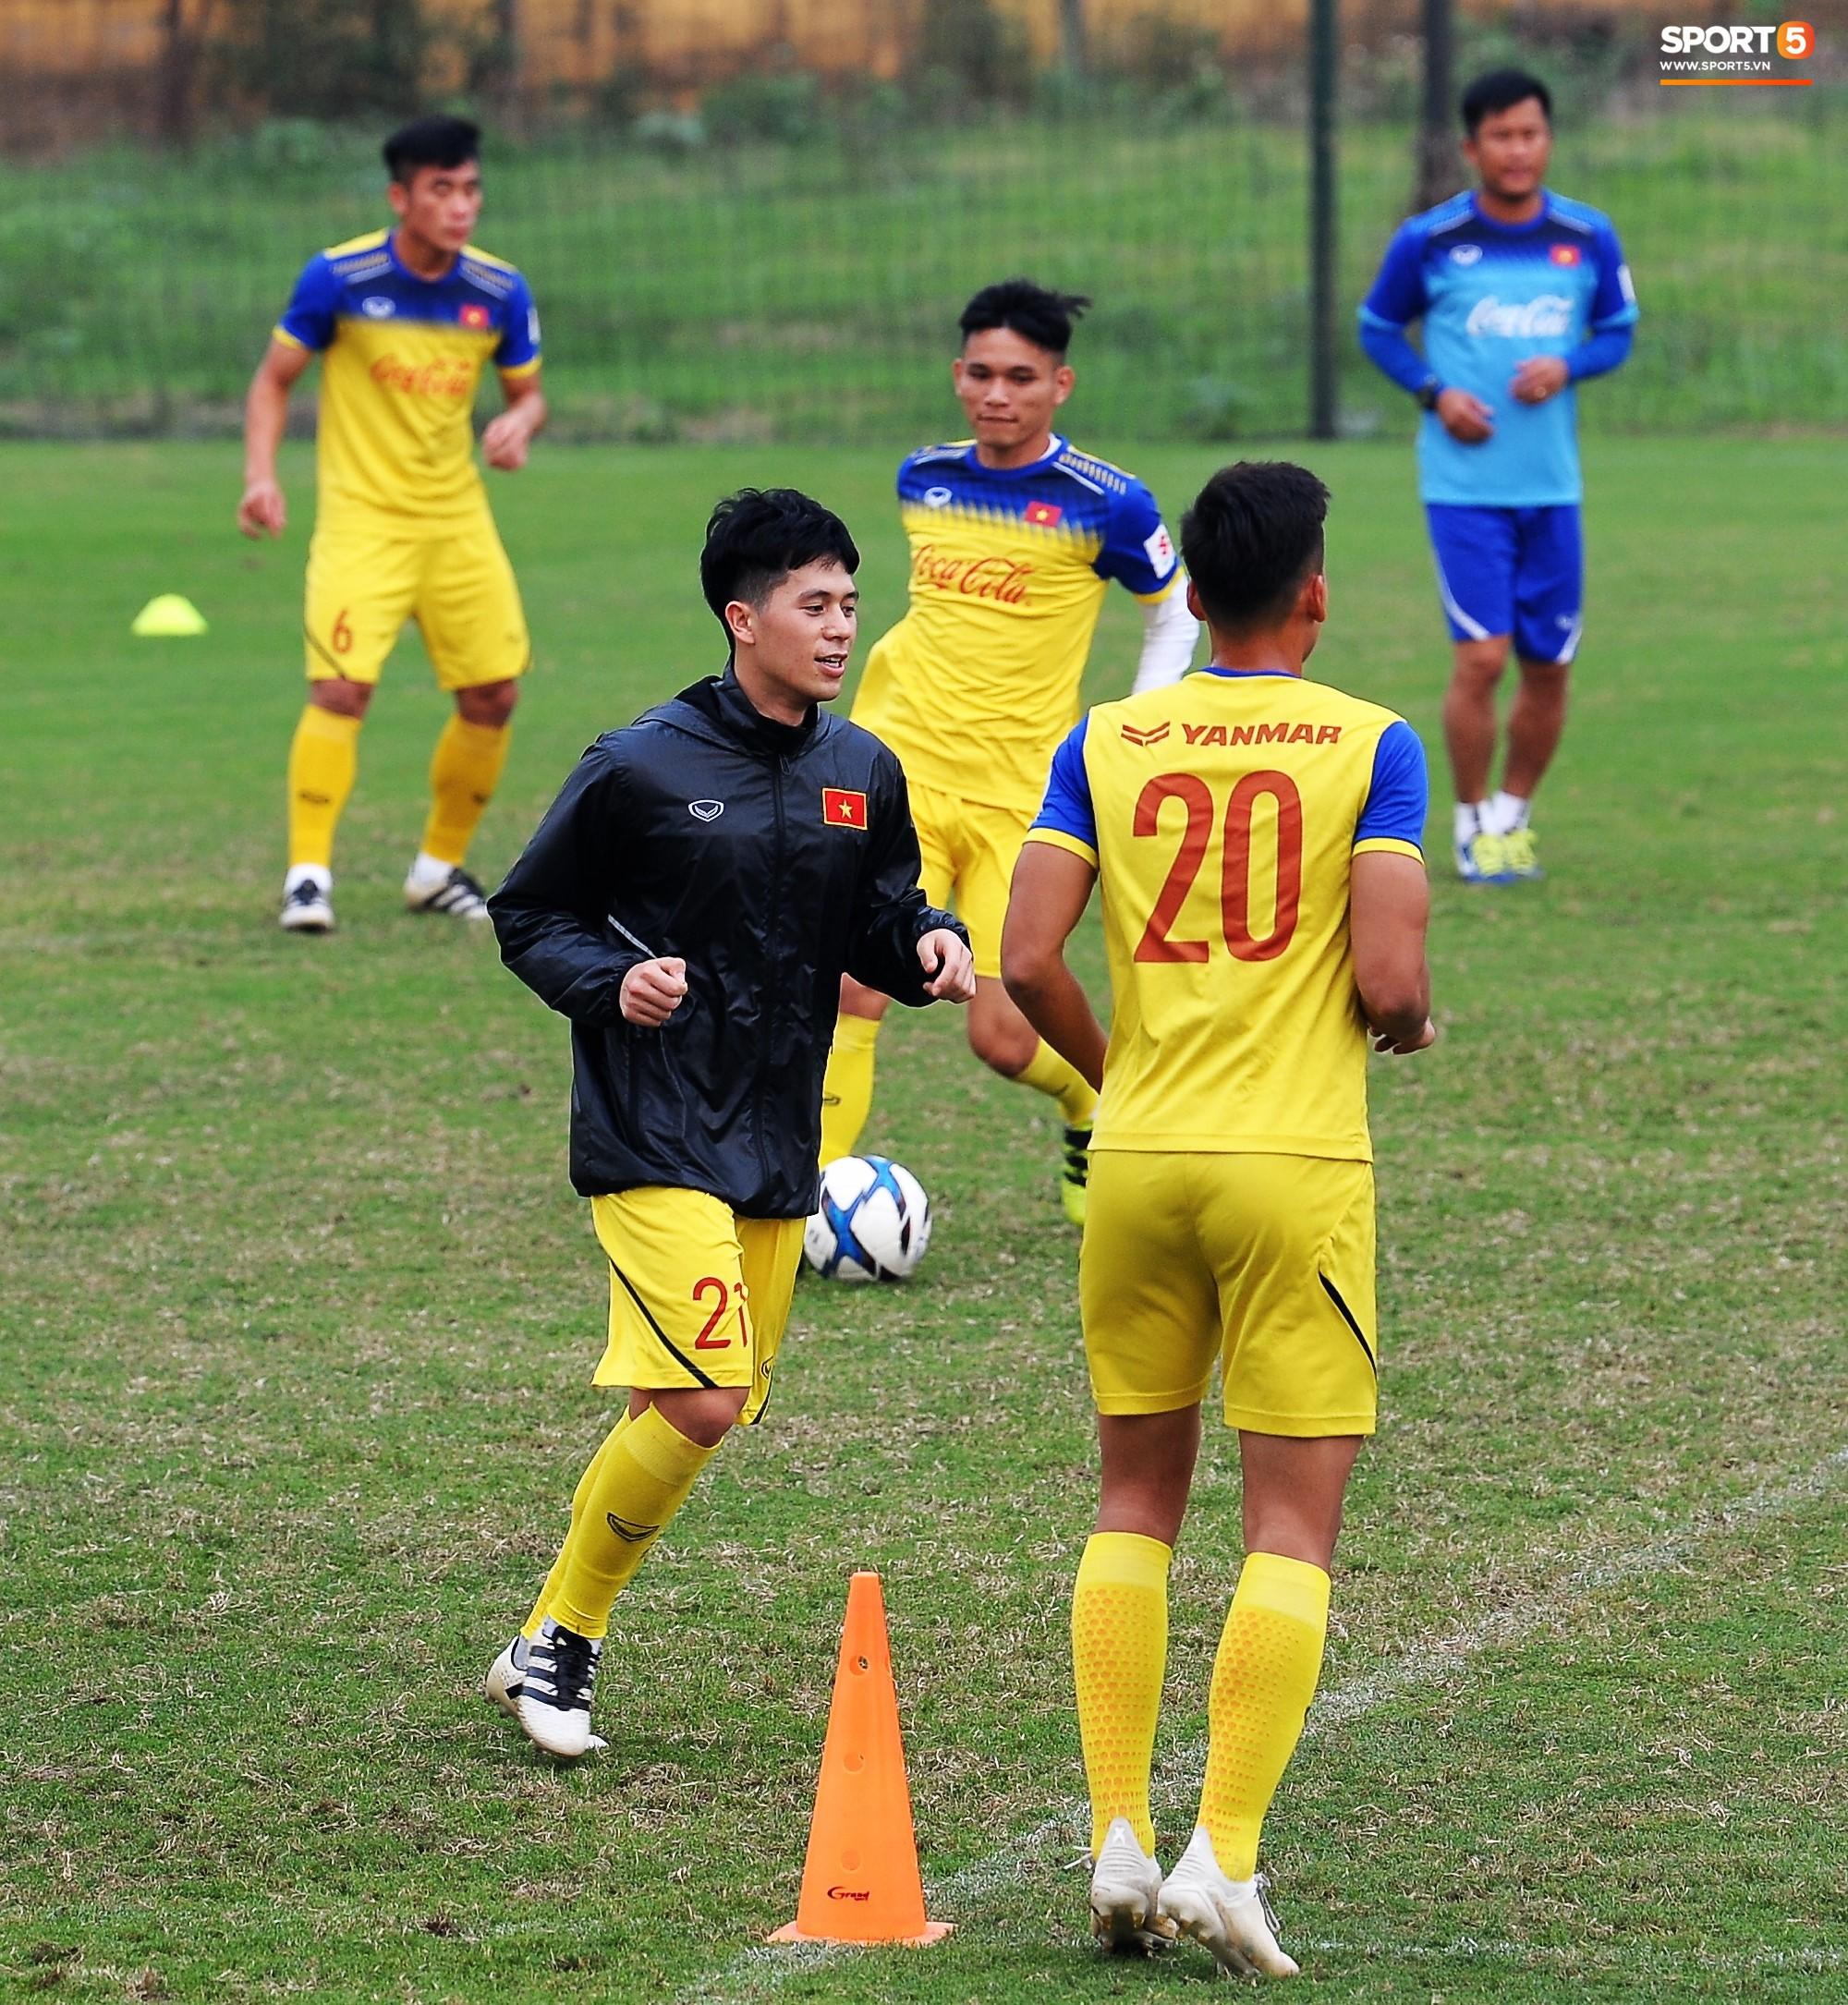 Đá ma mà cũng nắm chặt tay nhau thế này, bảo sao tuyển U23 Việt Nam luôn đoàn kết - Ảnh 8.